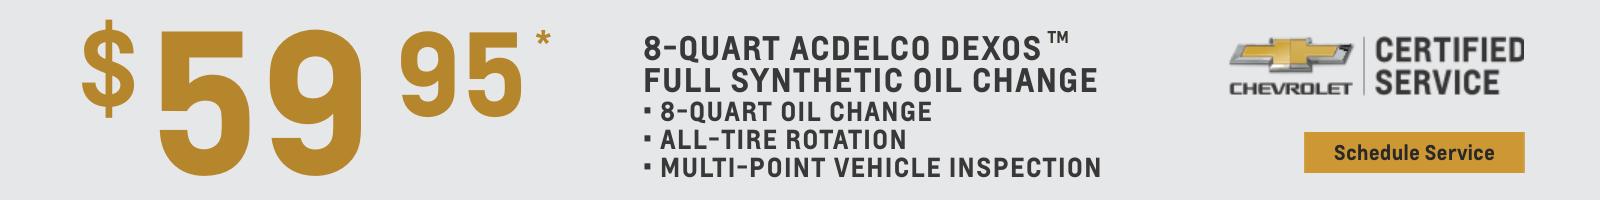 $59.95 8-Quart Full Synthetic Oil Change